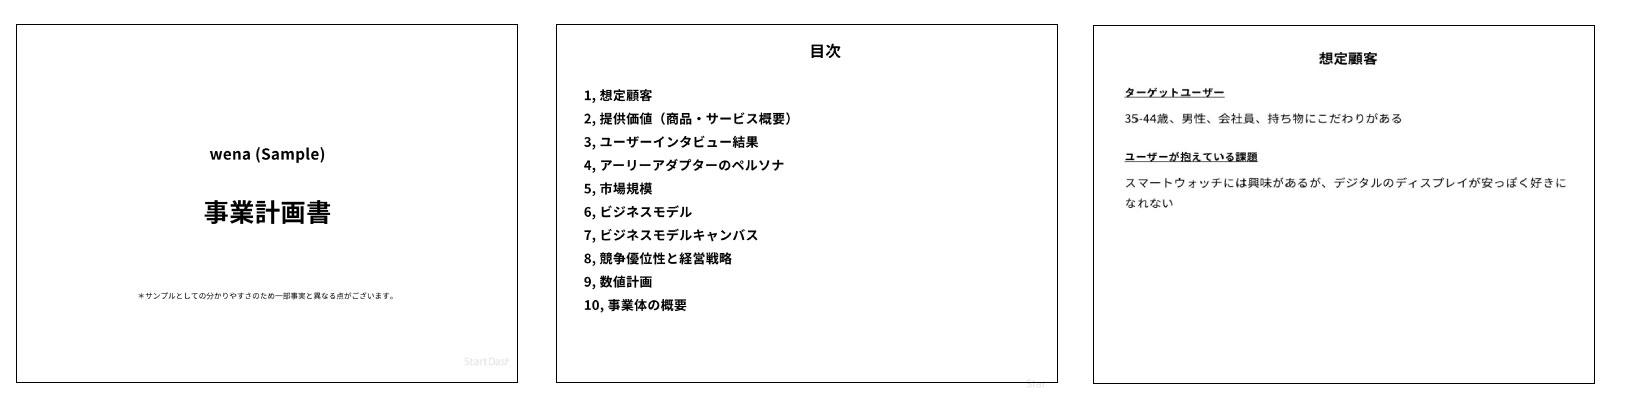 チェックリストの回答を元に自動的に作成されるドキュメント(上図は事業計画書の例)